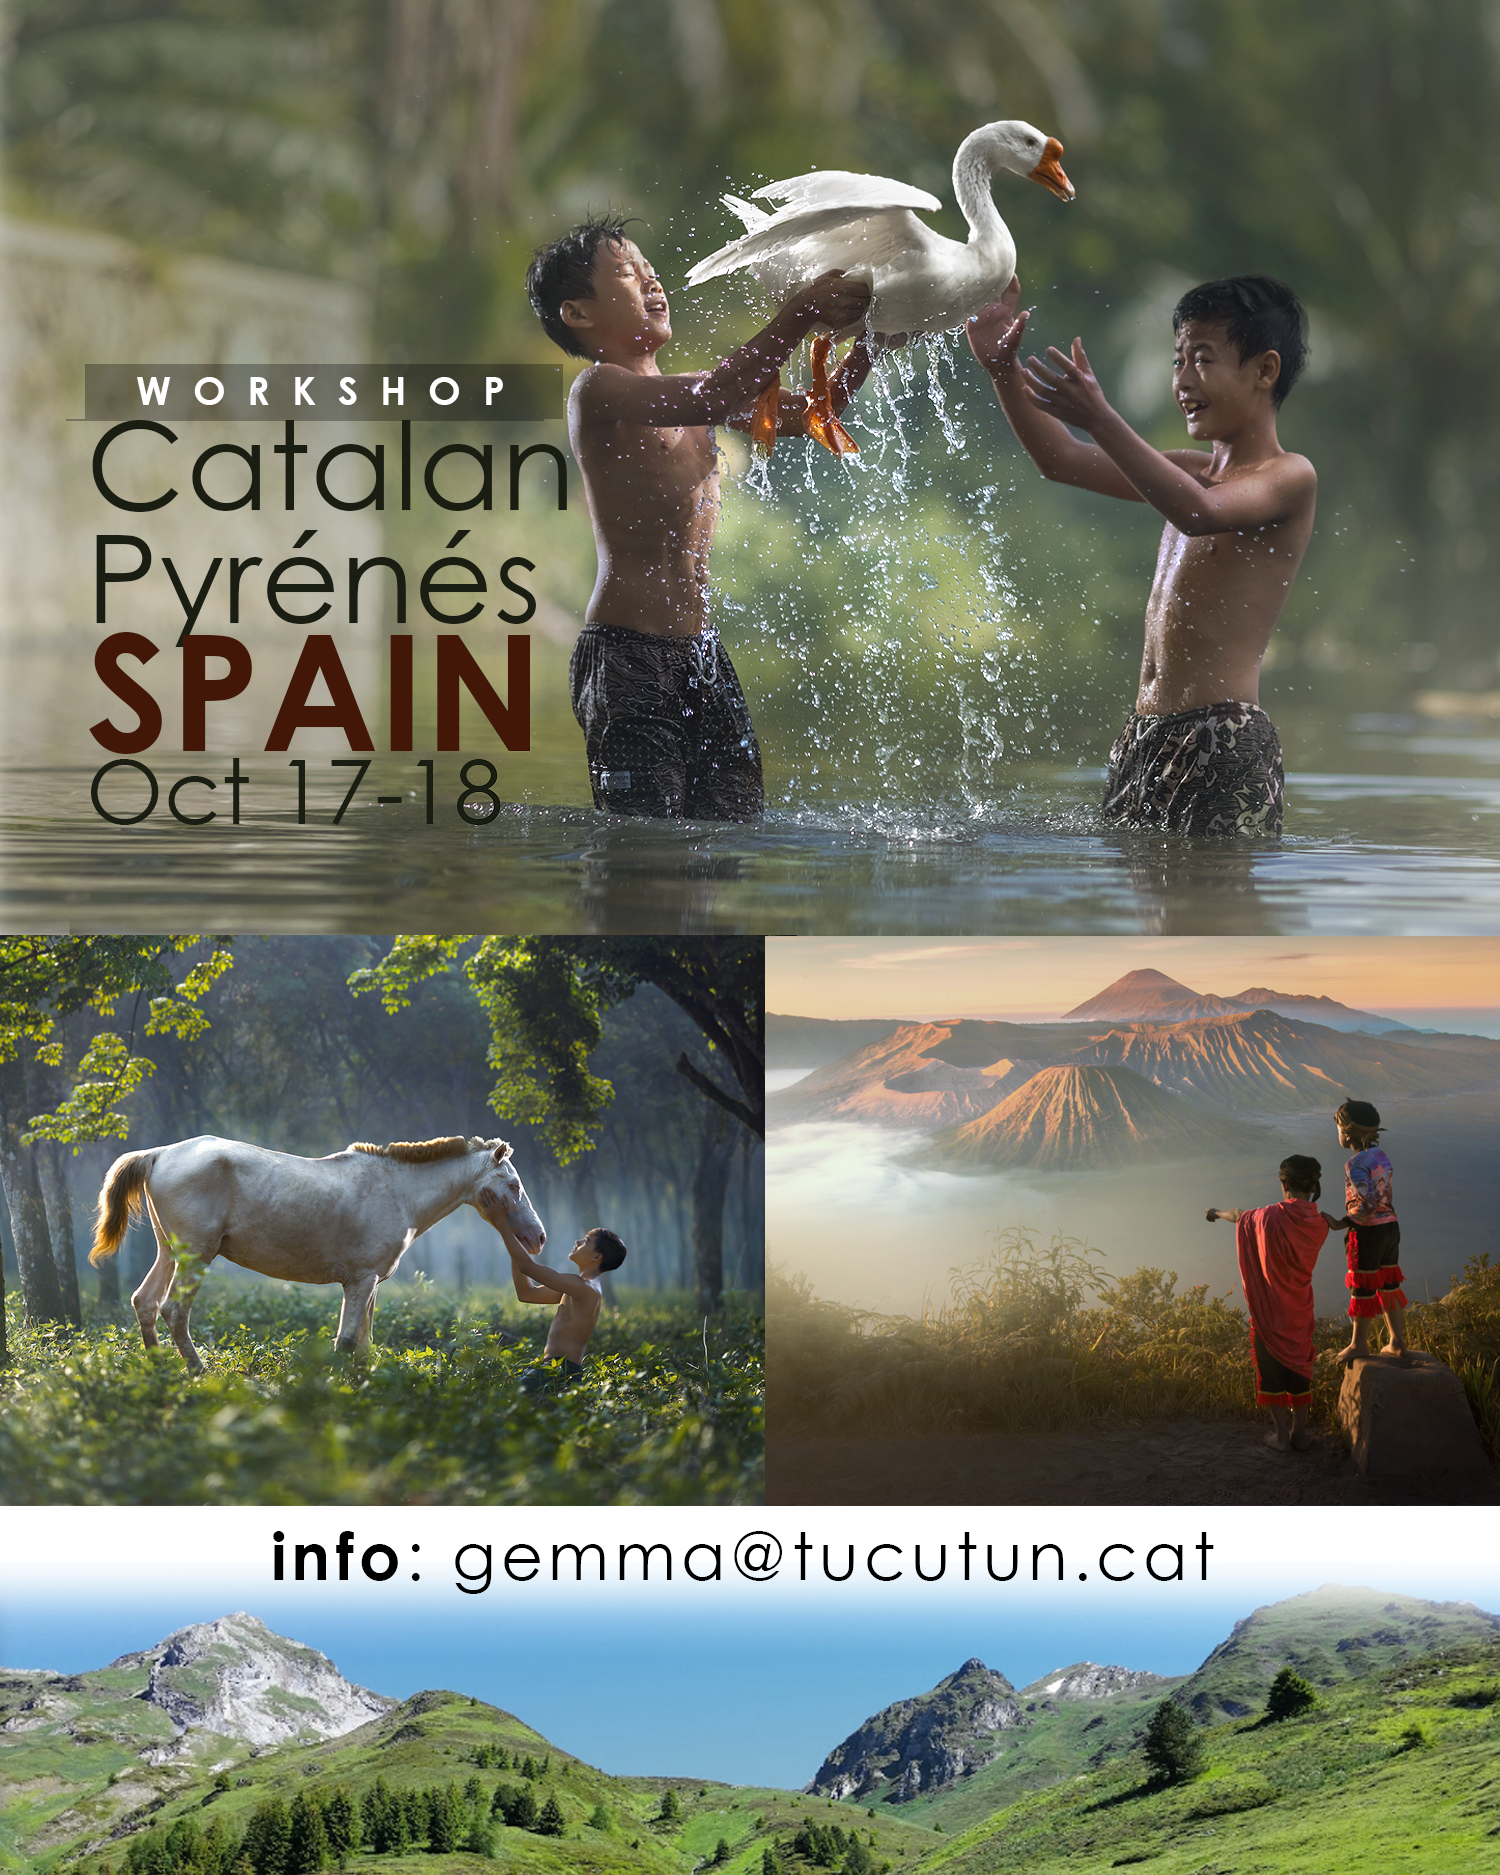 BARCELONA SPAIN: Catalan Pyrénés